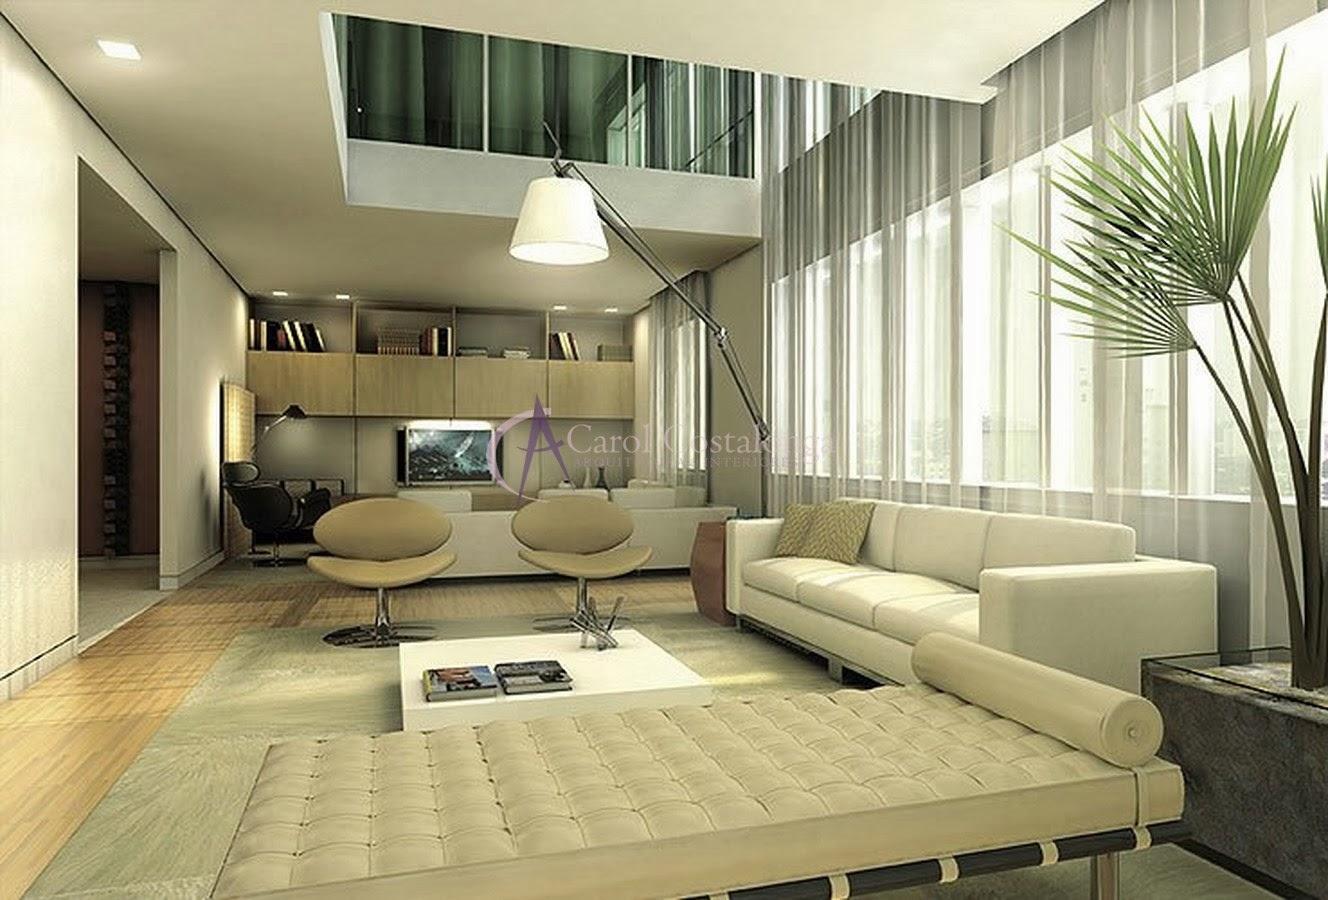 Veja mais modelos de decorações de casas com pé direito duplo: #8D743E 1328 900